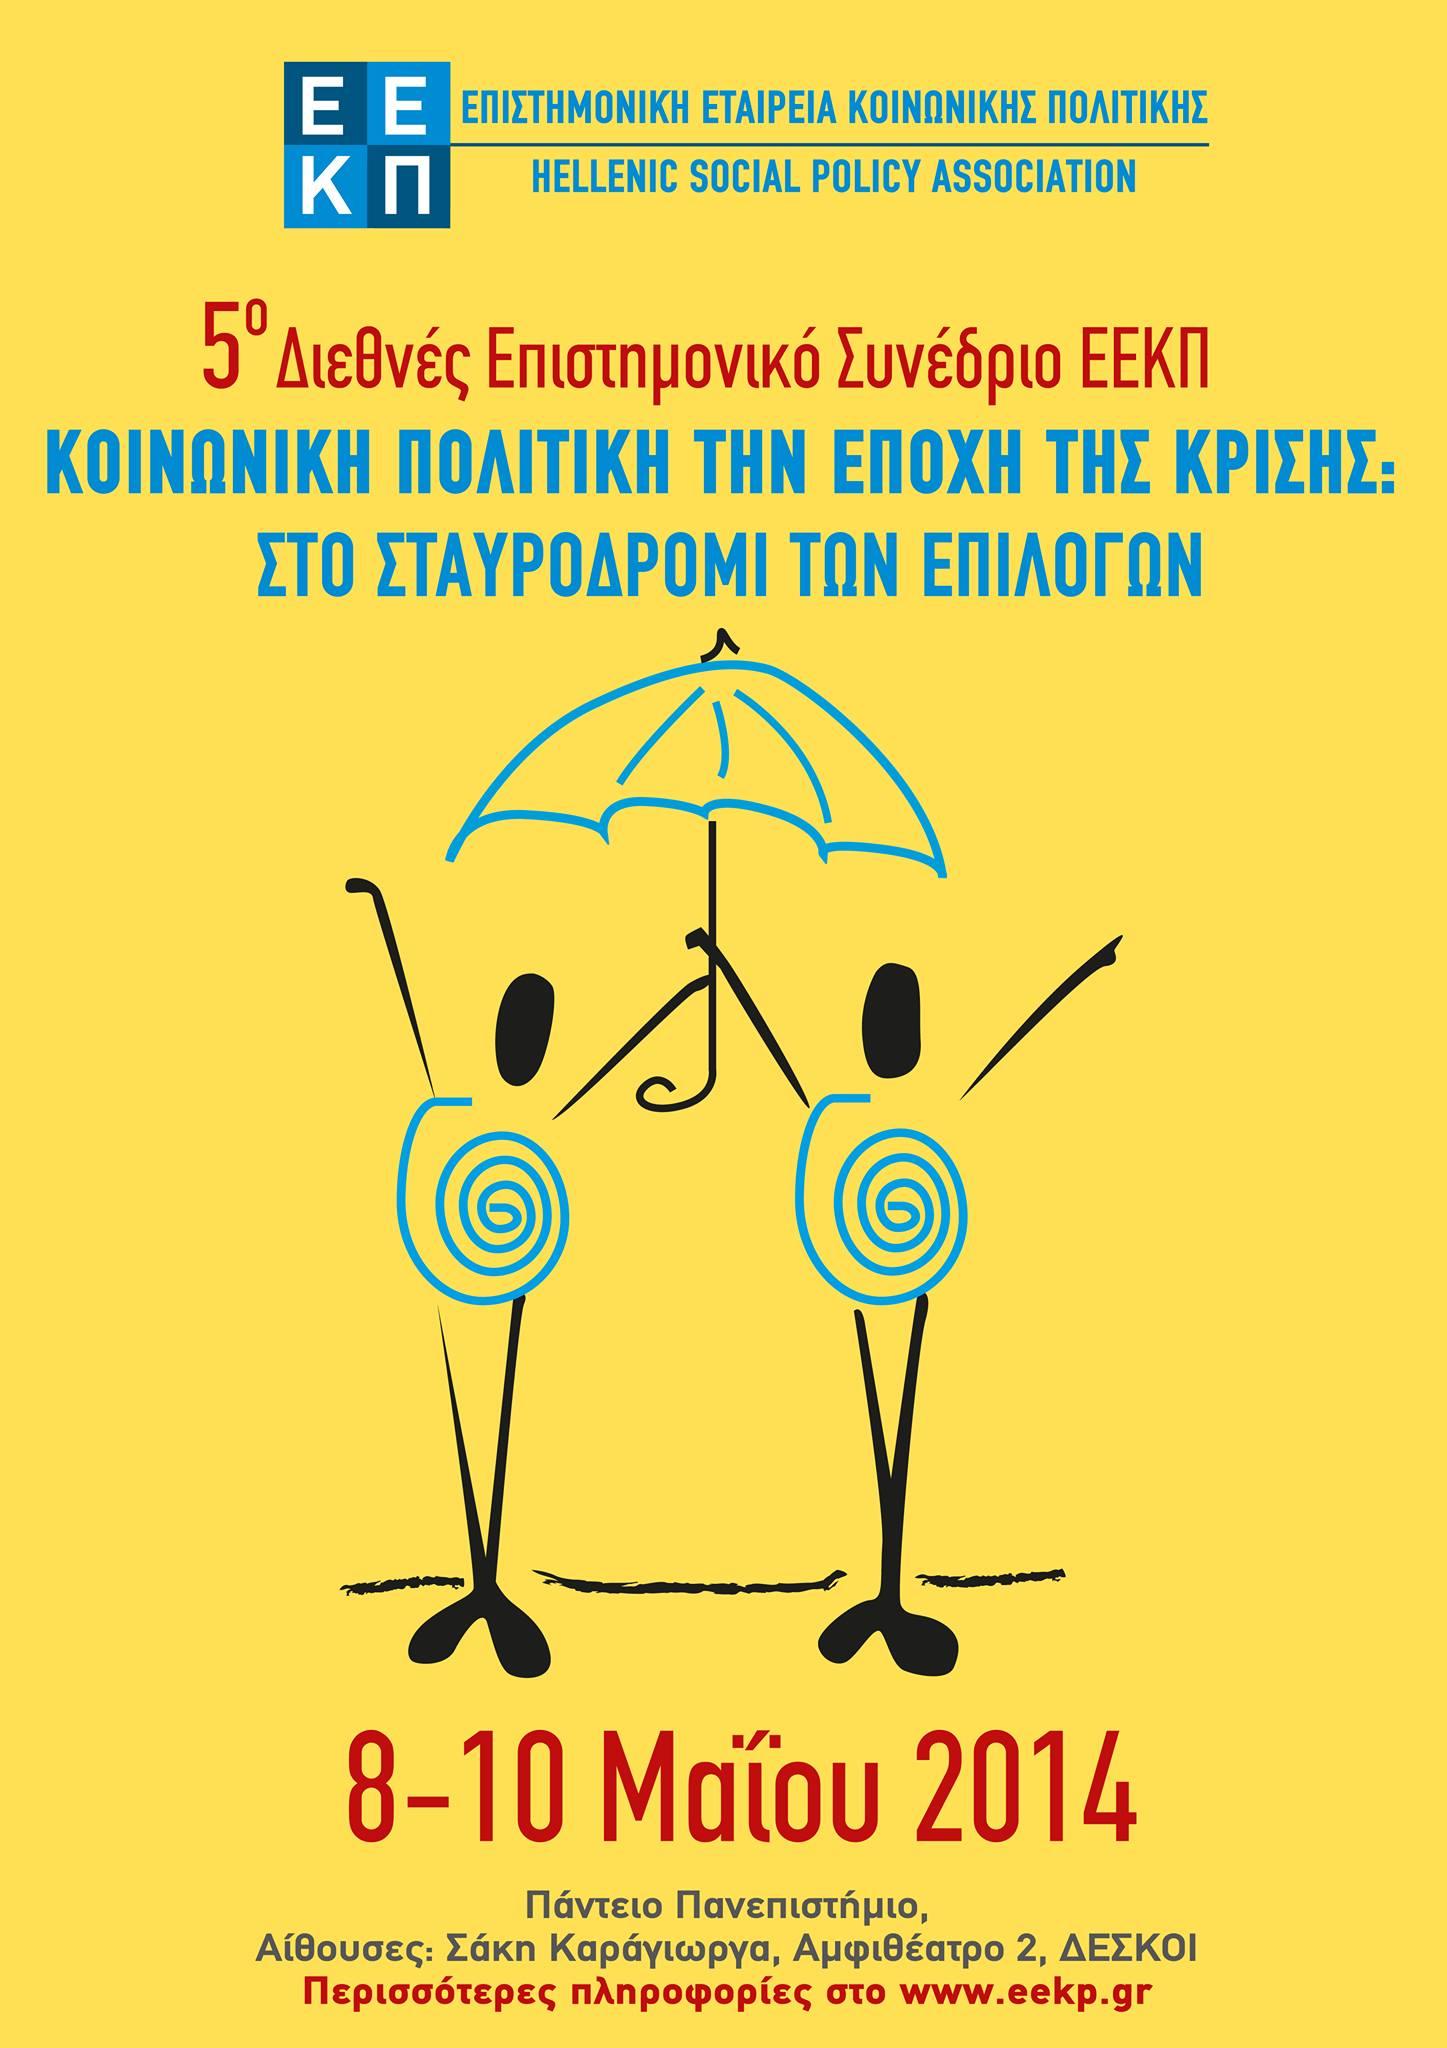 (Ελληνικά) Ο Νόμος 4019/2011 – Προϋποθέσεις λειτουργίας της κοινωνικής οικονομίας για μια βιώσιμη αγορά εργασίας